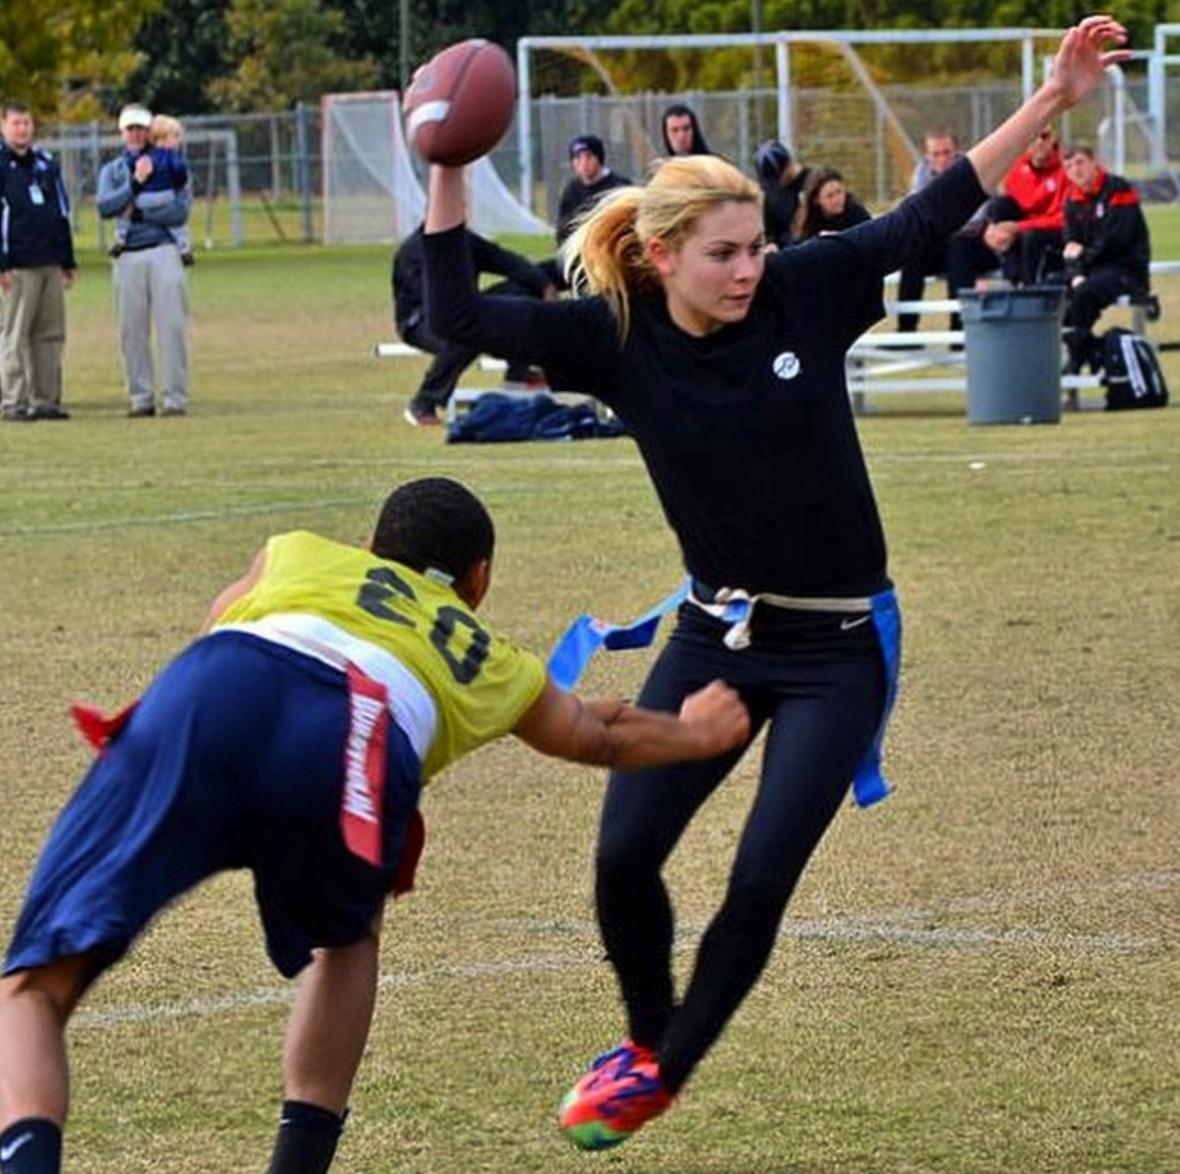 michelle roque, michelle roque fsu flag football, fsu flag girl, florida flag football girl, michelle roque pics, michelle roque football, michelle roque fsu